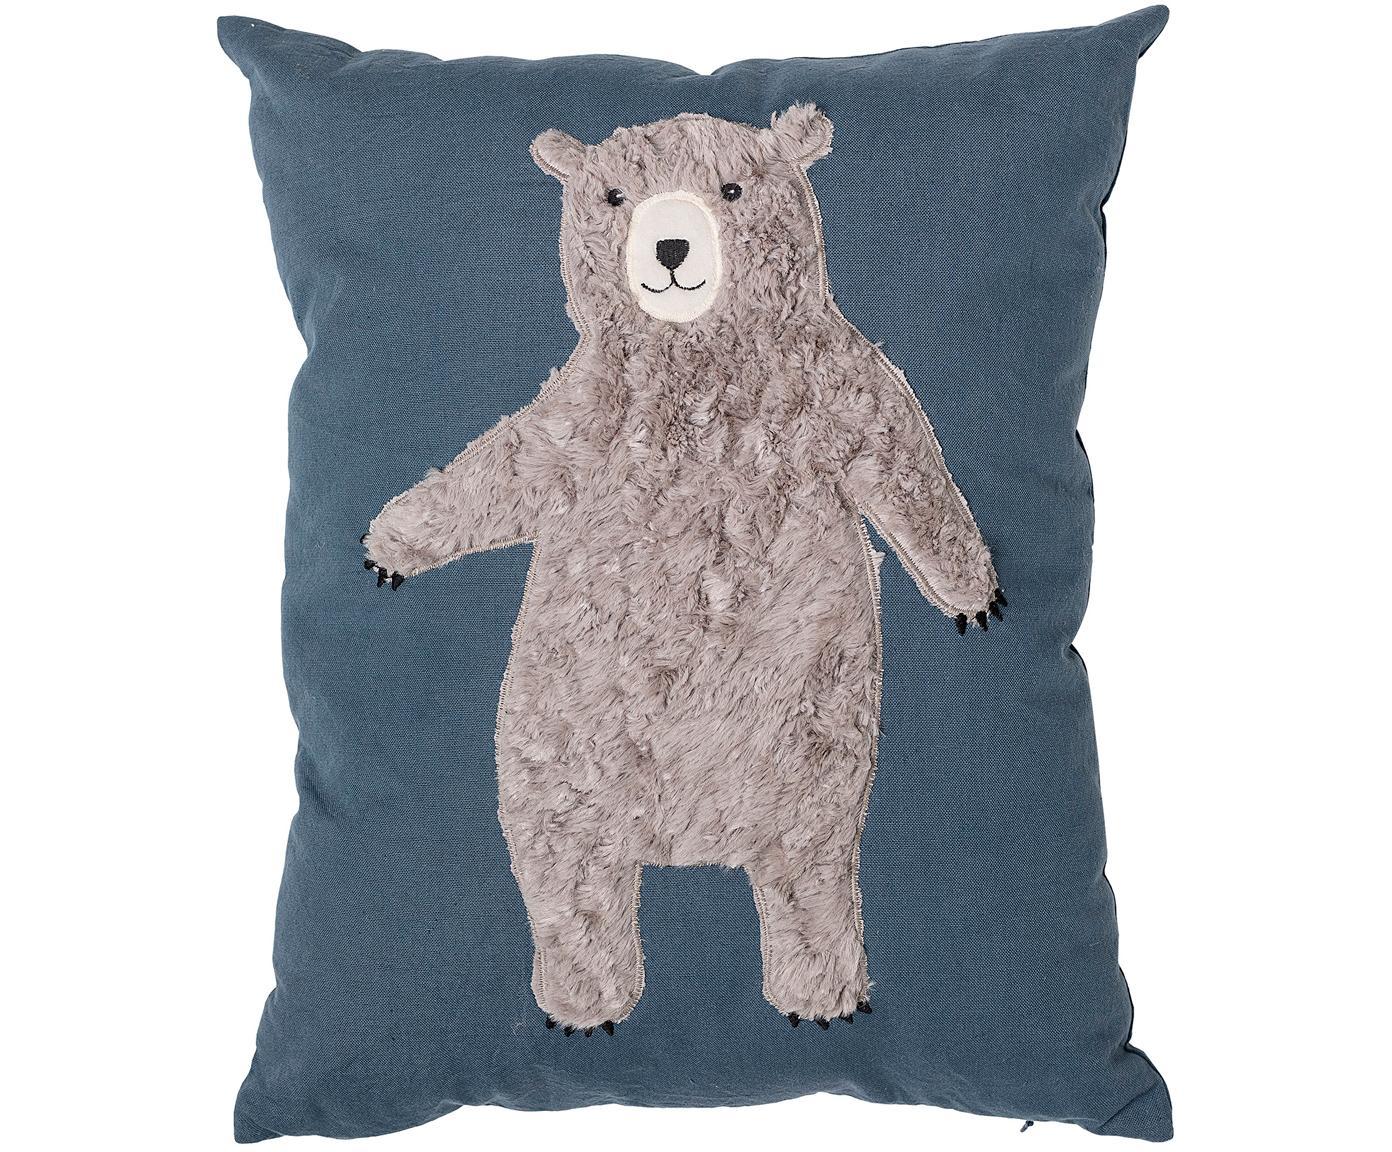 Kissen Bear, mit Inlett, Bezug: 70% Baumwolle, 30% Polyes, Blau, Braun, 40 x 50 cm